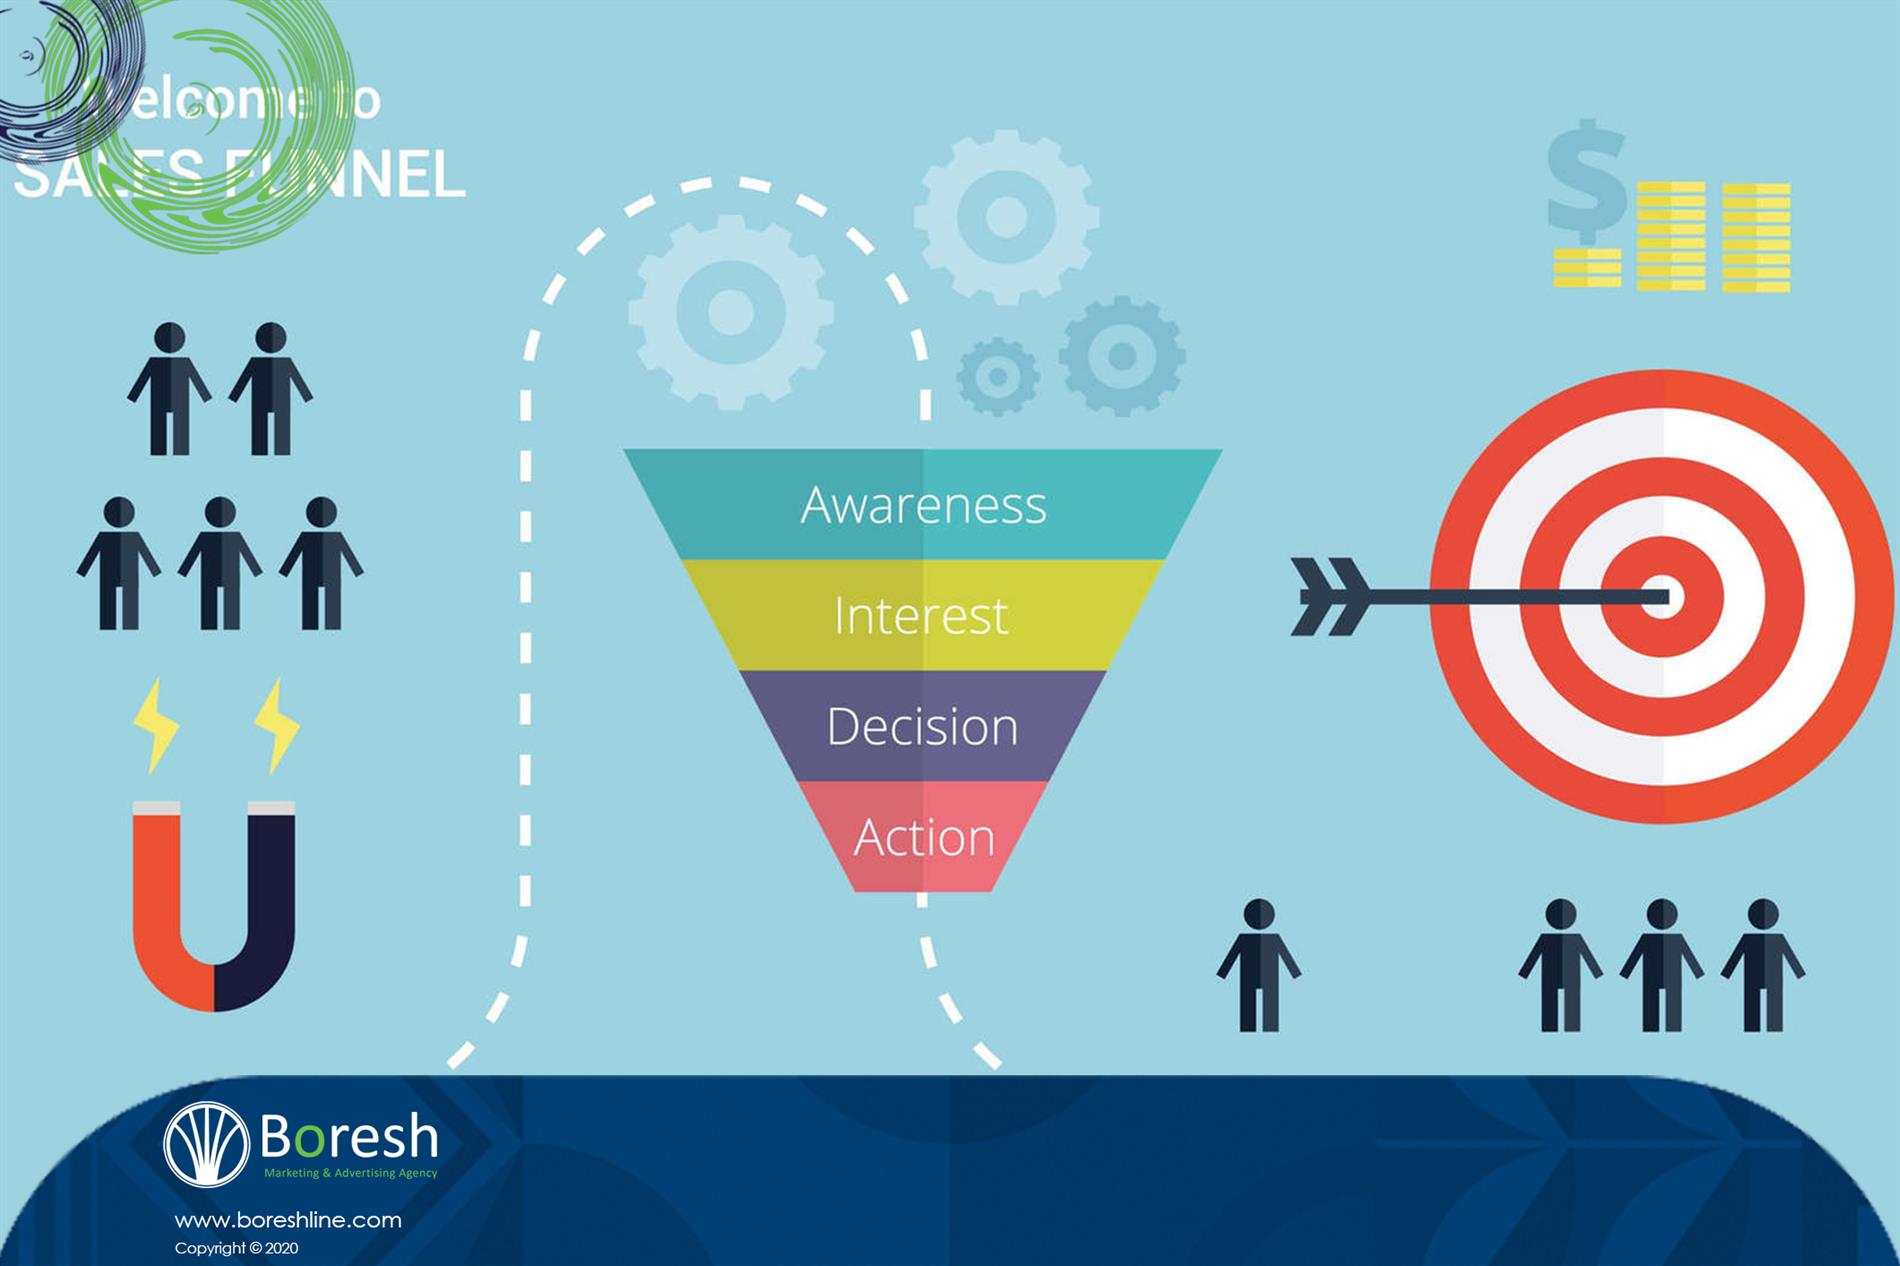 در ادامه به مراحل مختلف قیف فروش اشاره می کنم - گروه برندسازی، تبلیغات،بازاریابی و توسعه کسب و کار برش